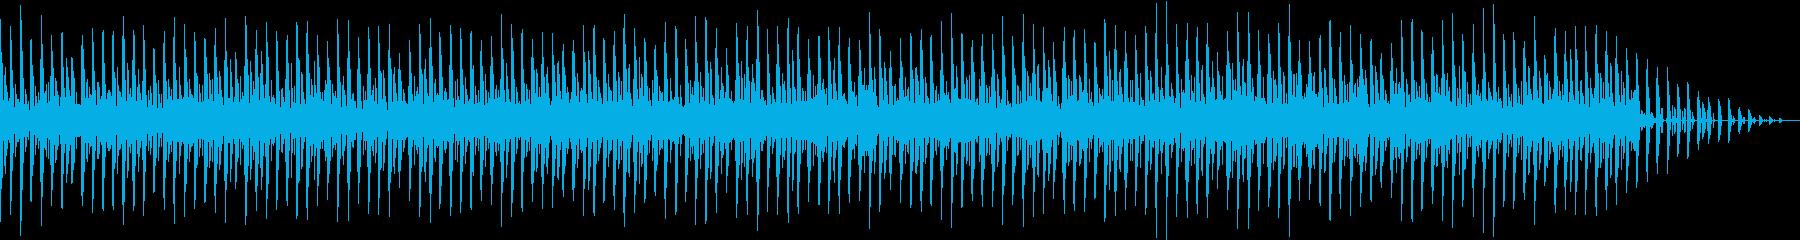 何かを考える時とかに使えそうな音楽ですの再生済みの波形